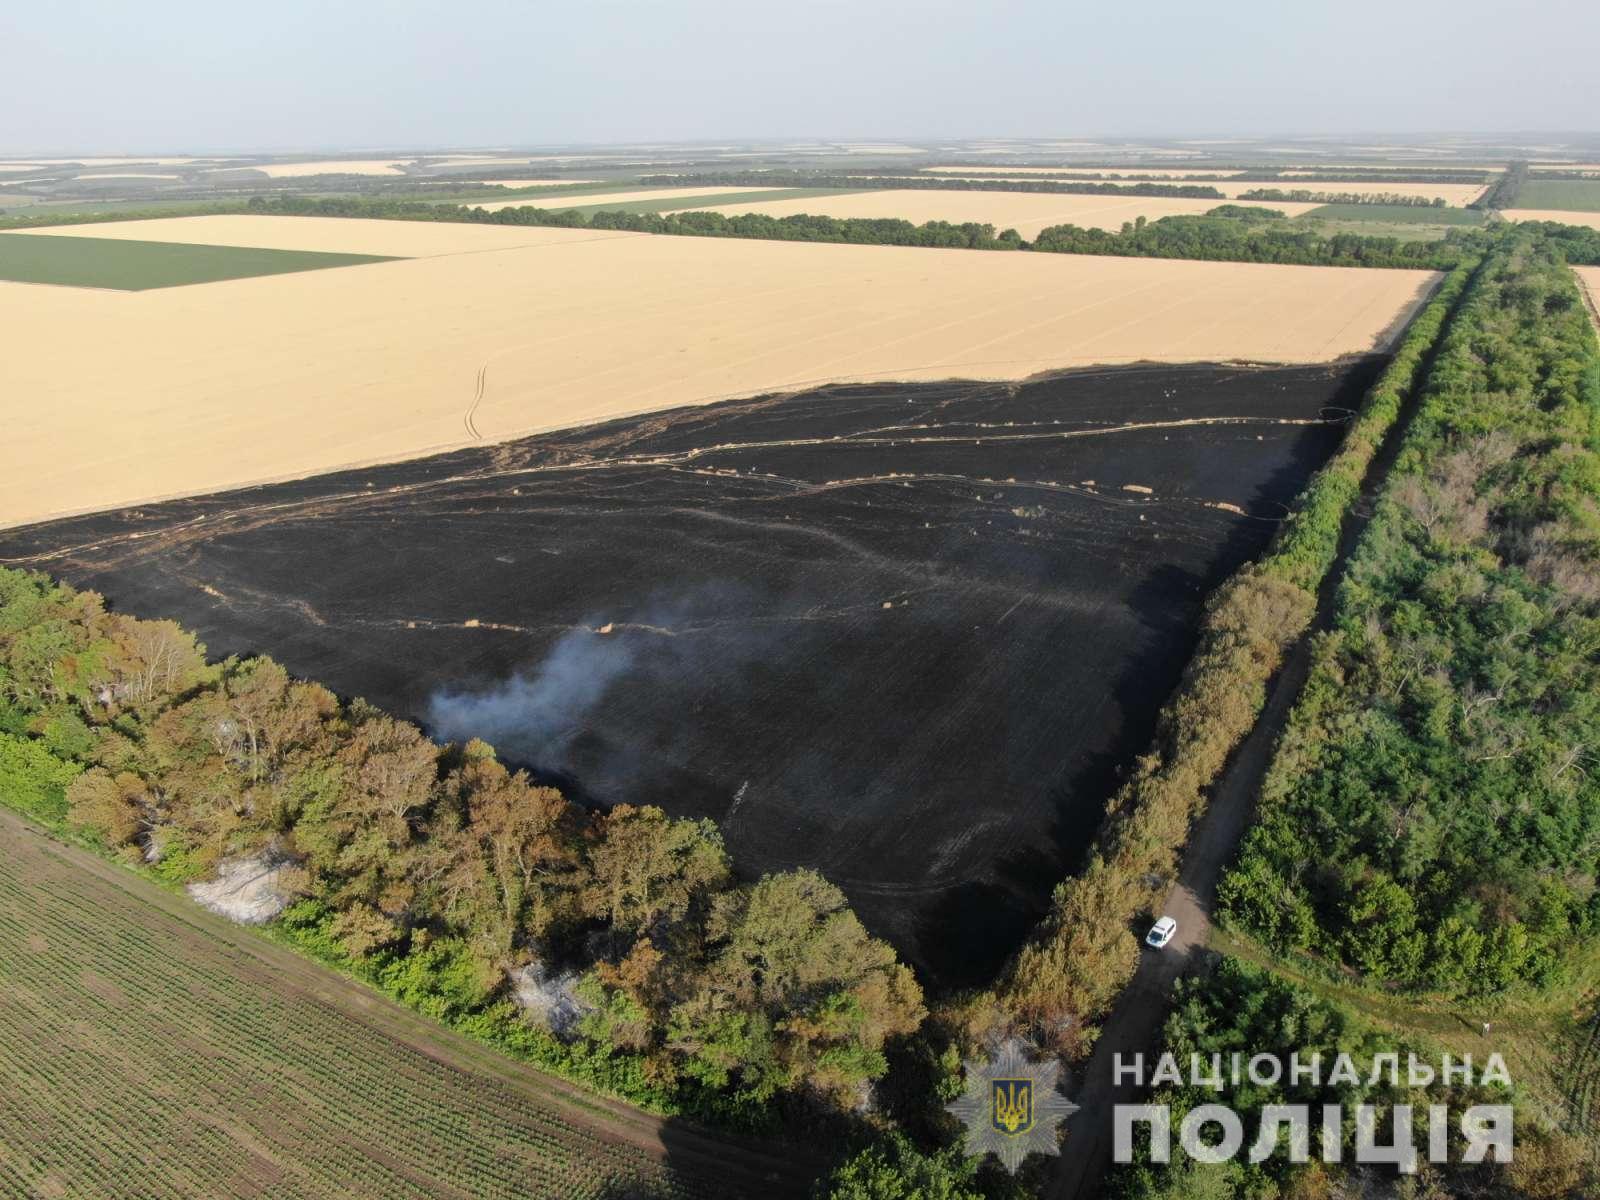 Полиция устанавливает причини пожаров на пшеничных полях Харьковщины